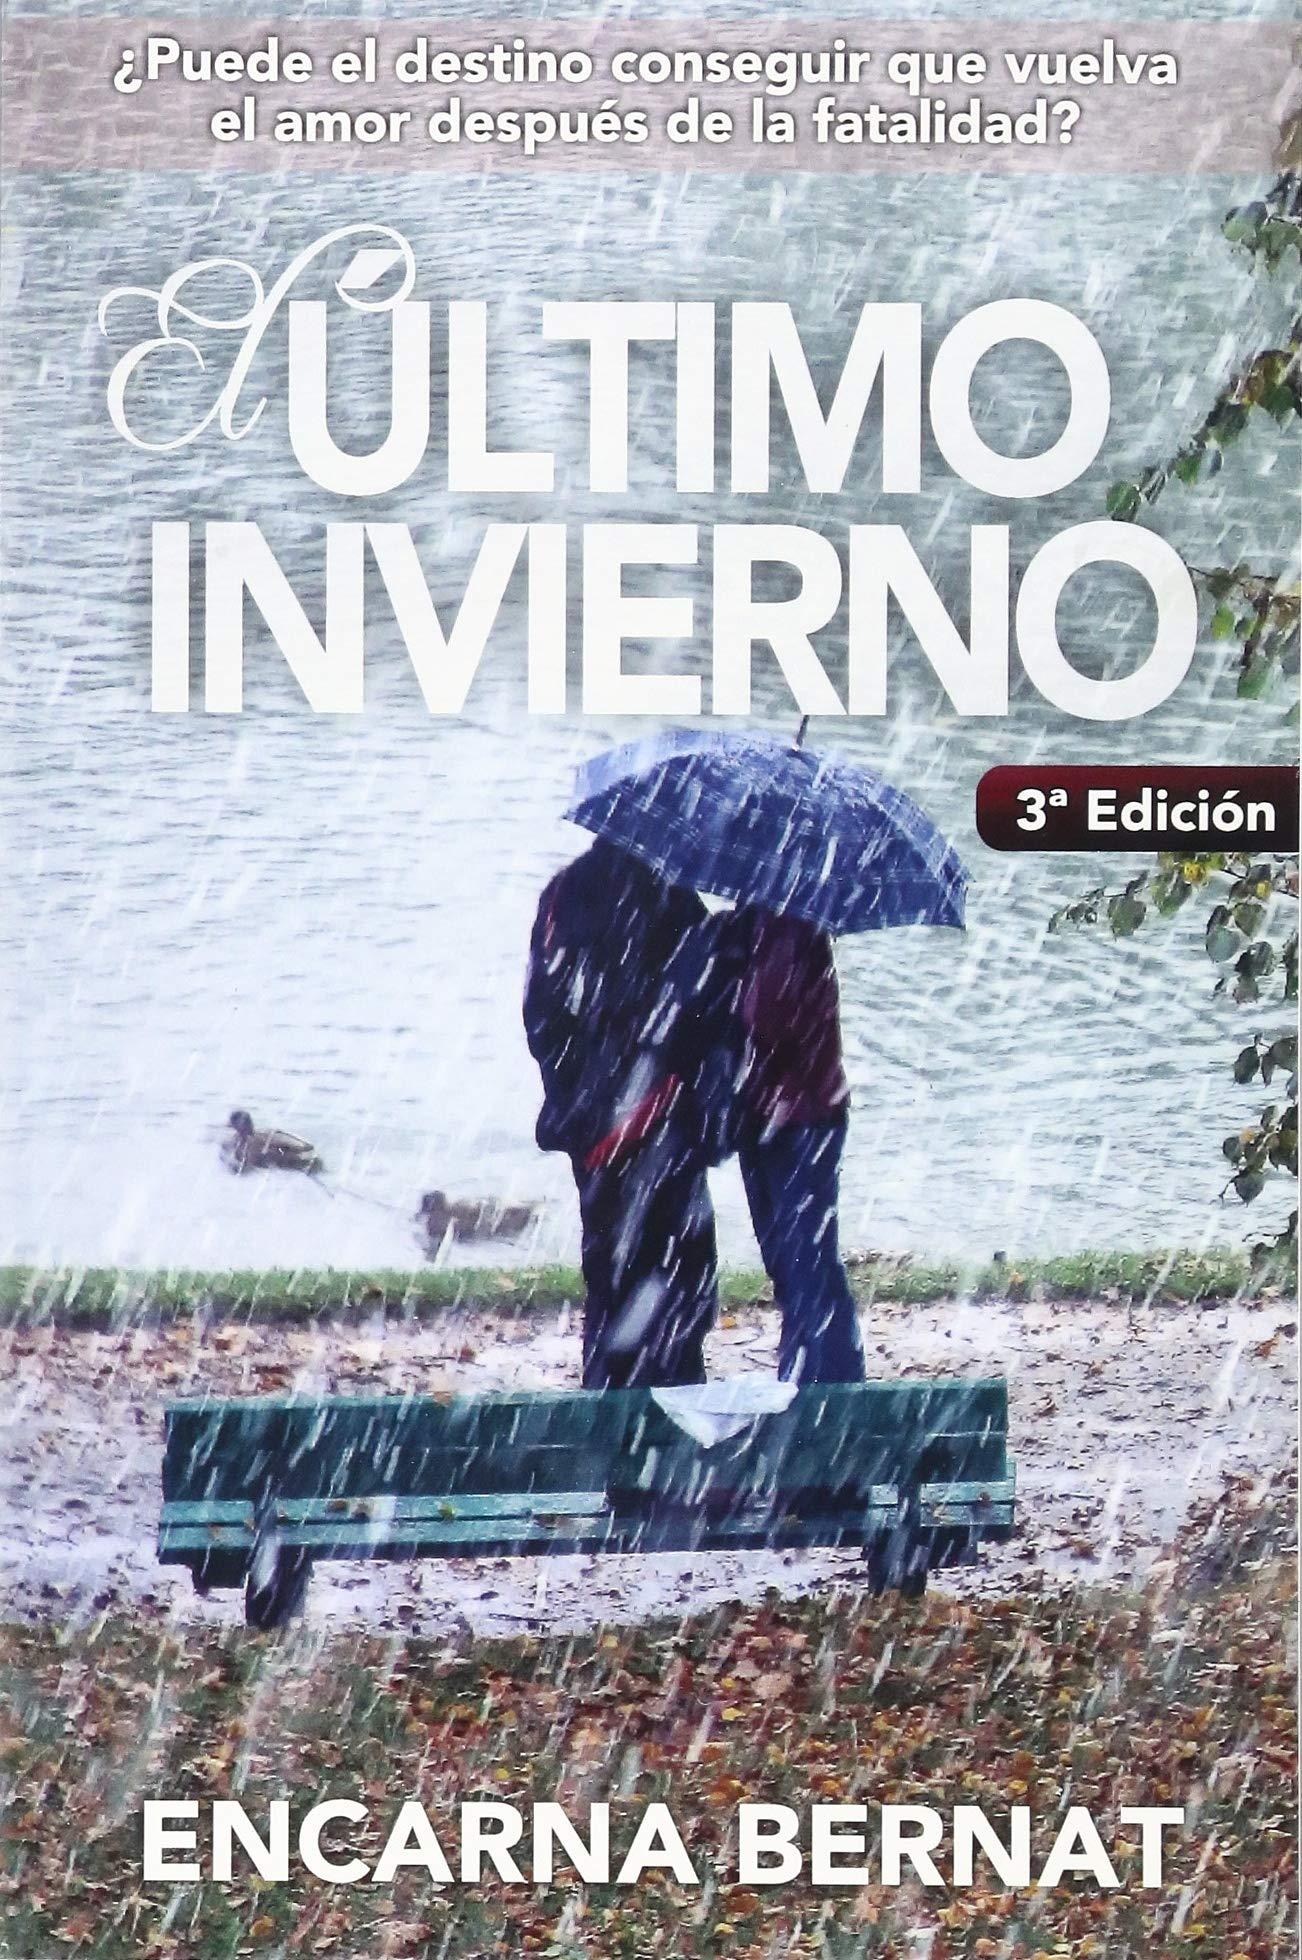 El último invierno: Una historia de amor y superación marcada por la  tragedia. Novela romántica novedades .: Amazon.es: Encarna Bernat: Libros